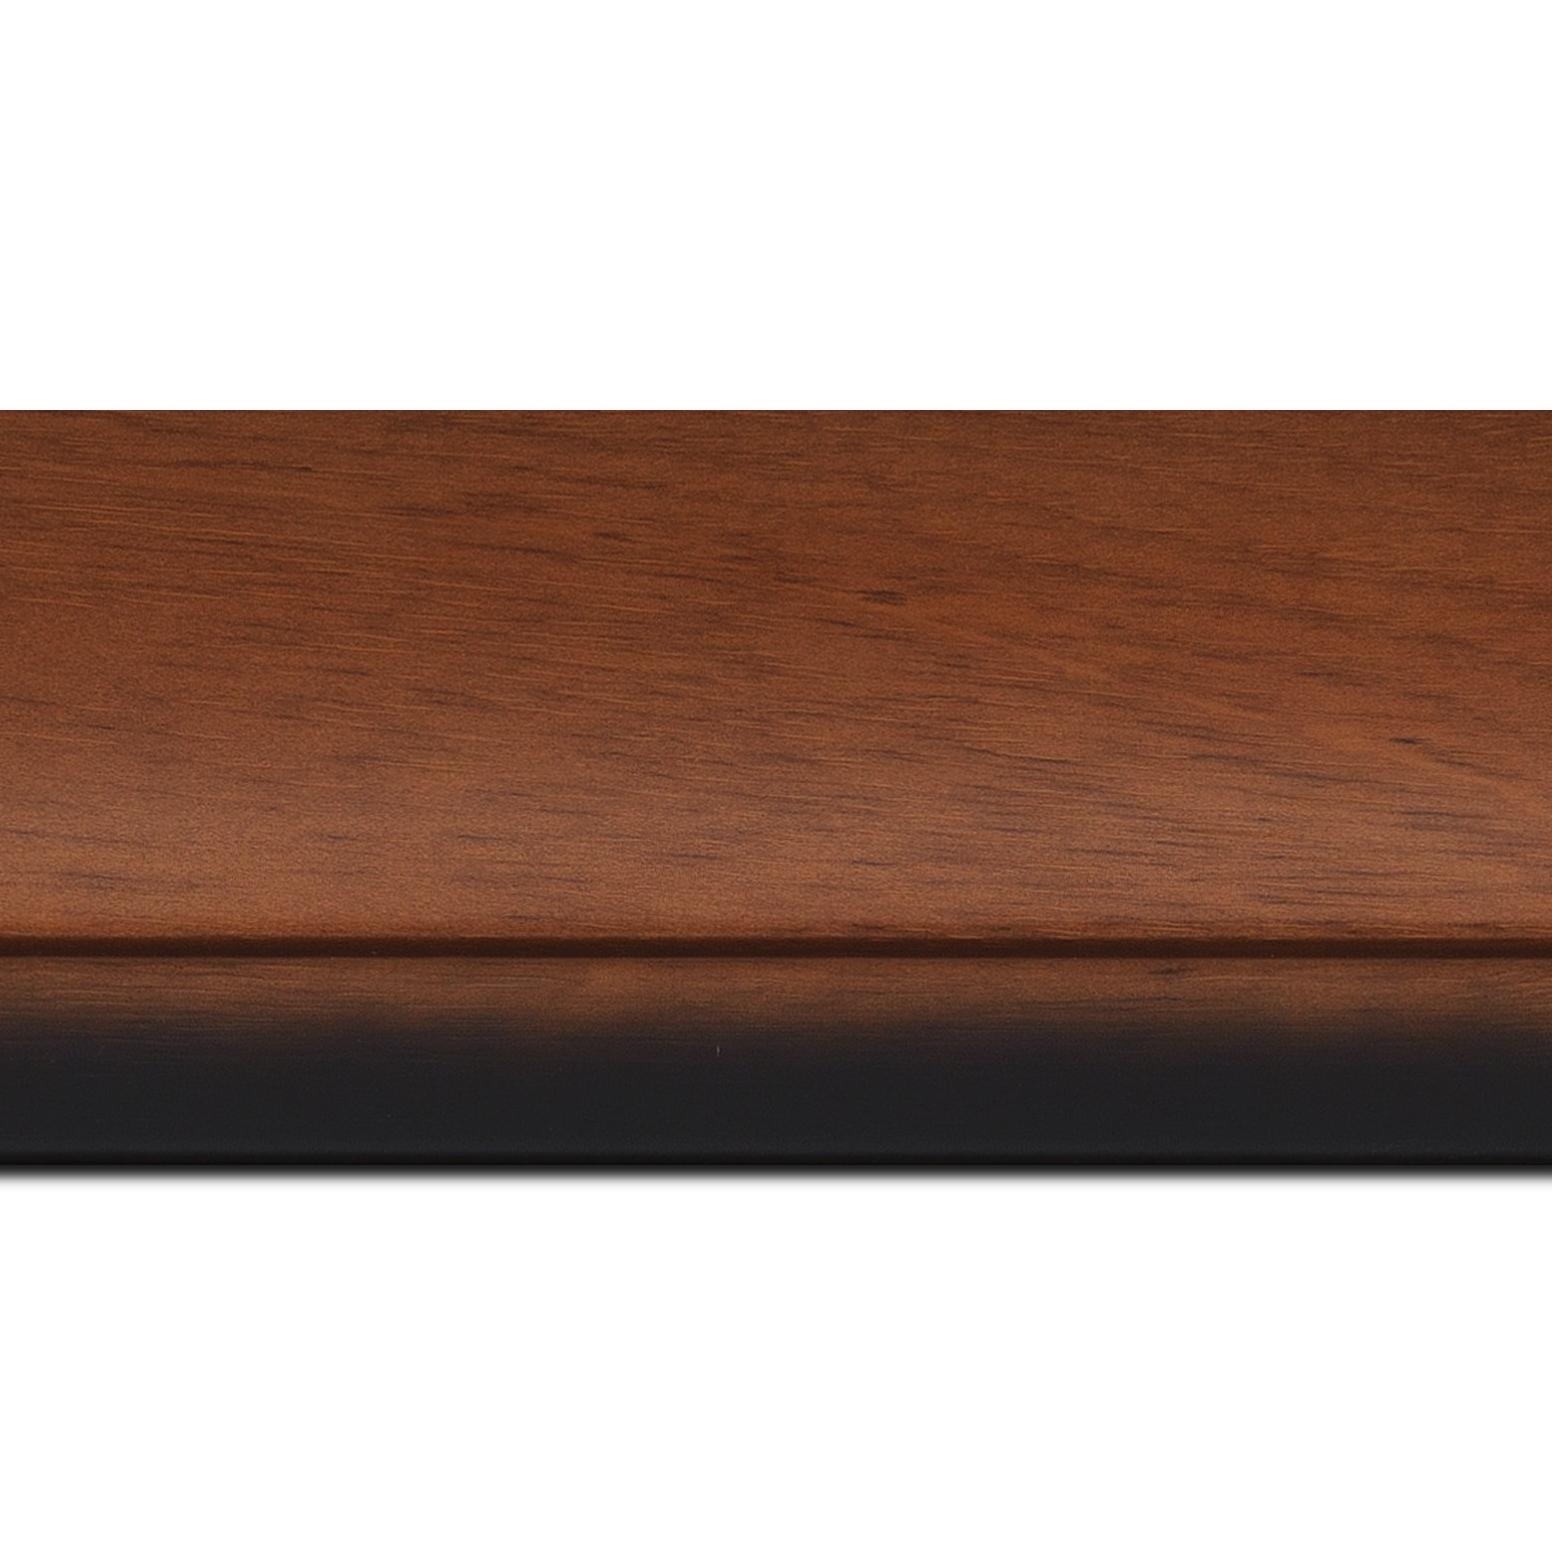 Baguette longueur 1.40m bois profil arrondi largeur 7.6cm couleur merisier nez noirci